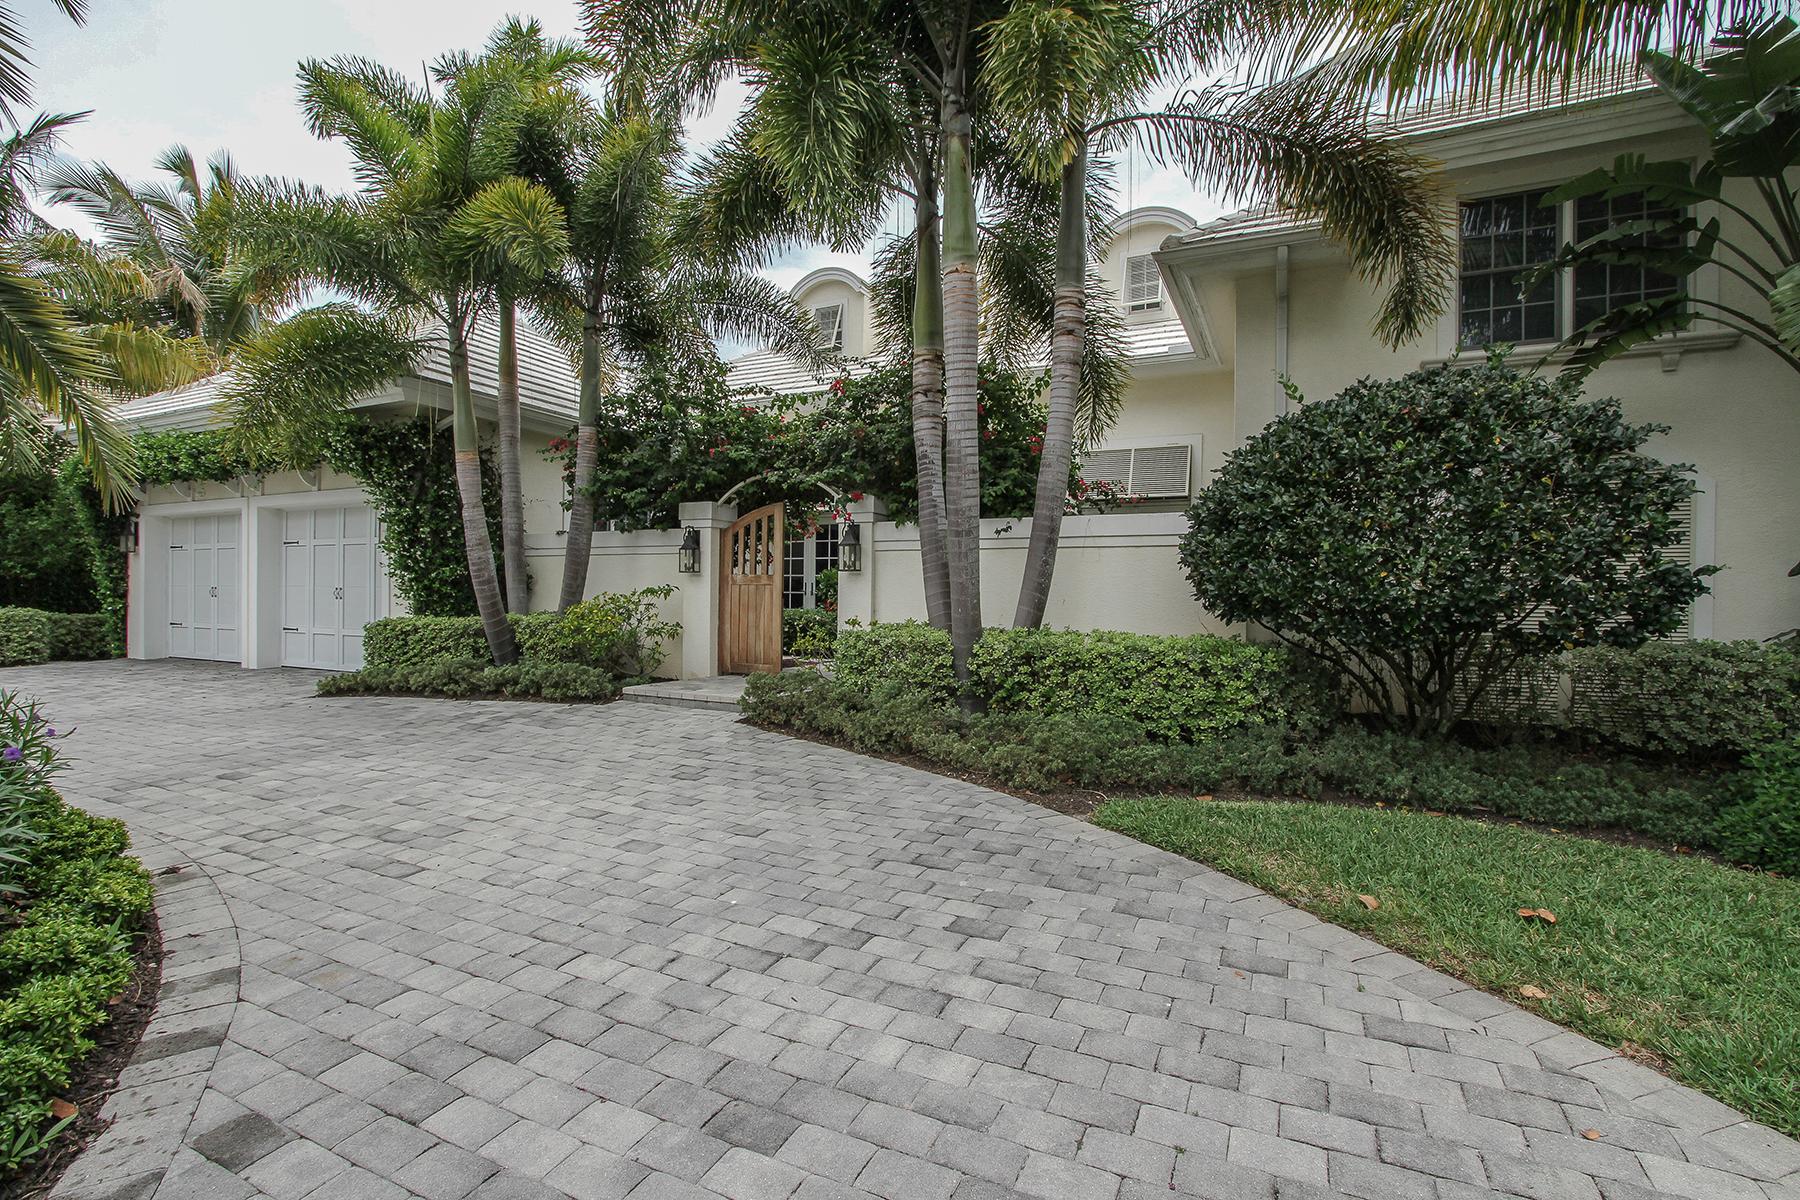 独户住宅 为 出租 在 PARK SHORE 4117 Belair Ln 那不勒斯, 佛罗里达州 34103 美国